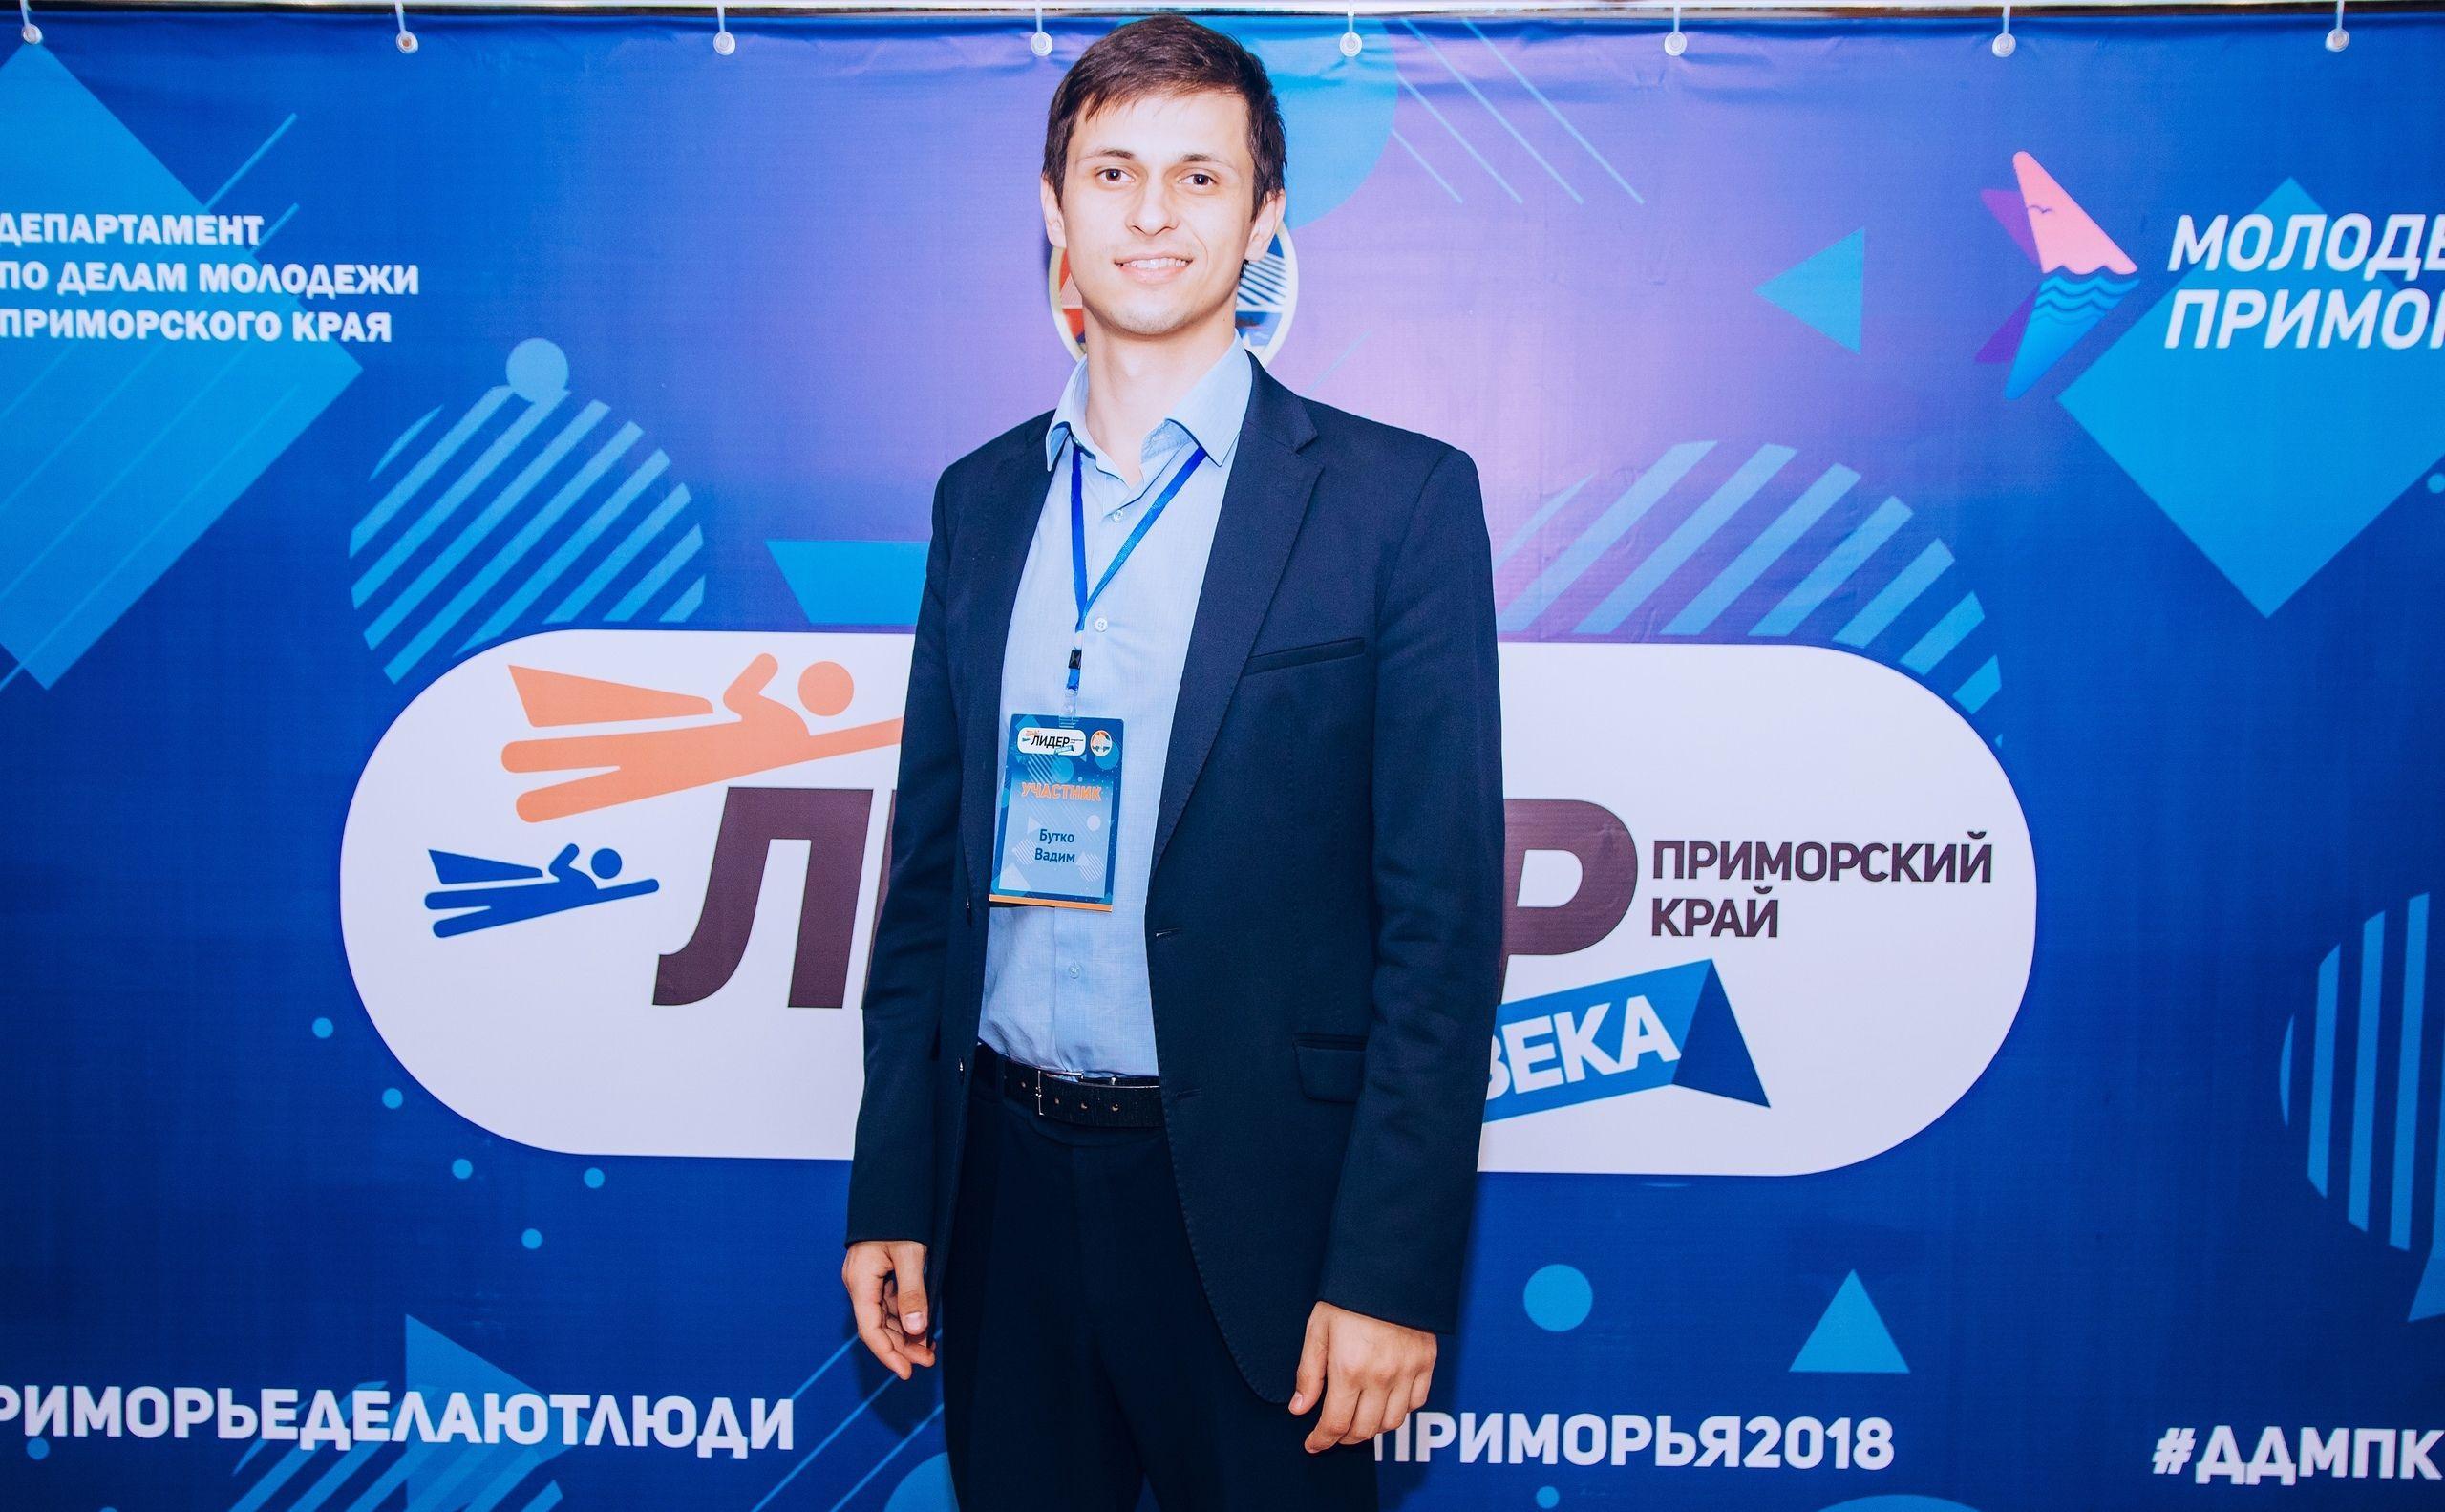 Вадим Бутко - молодежный лидер Приморского края 2018